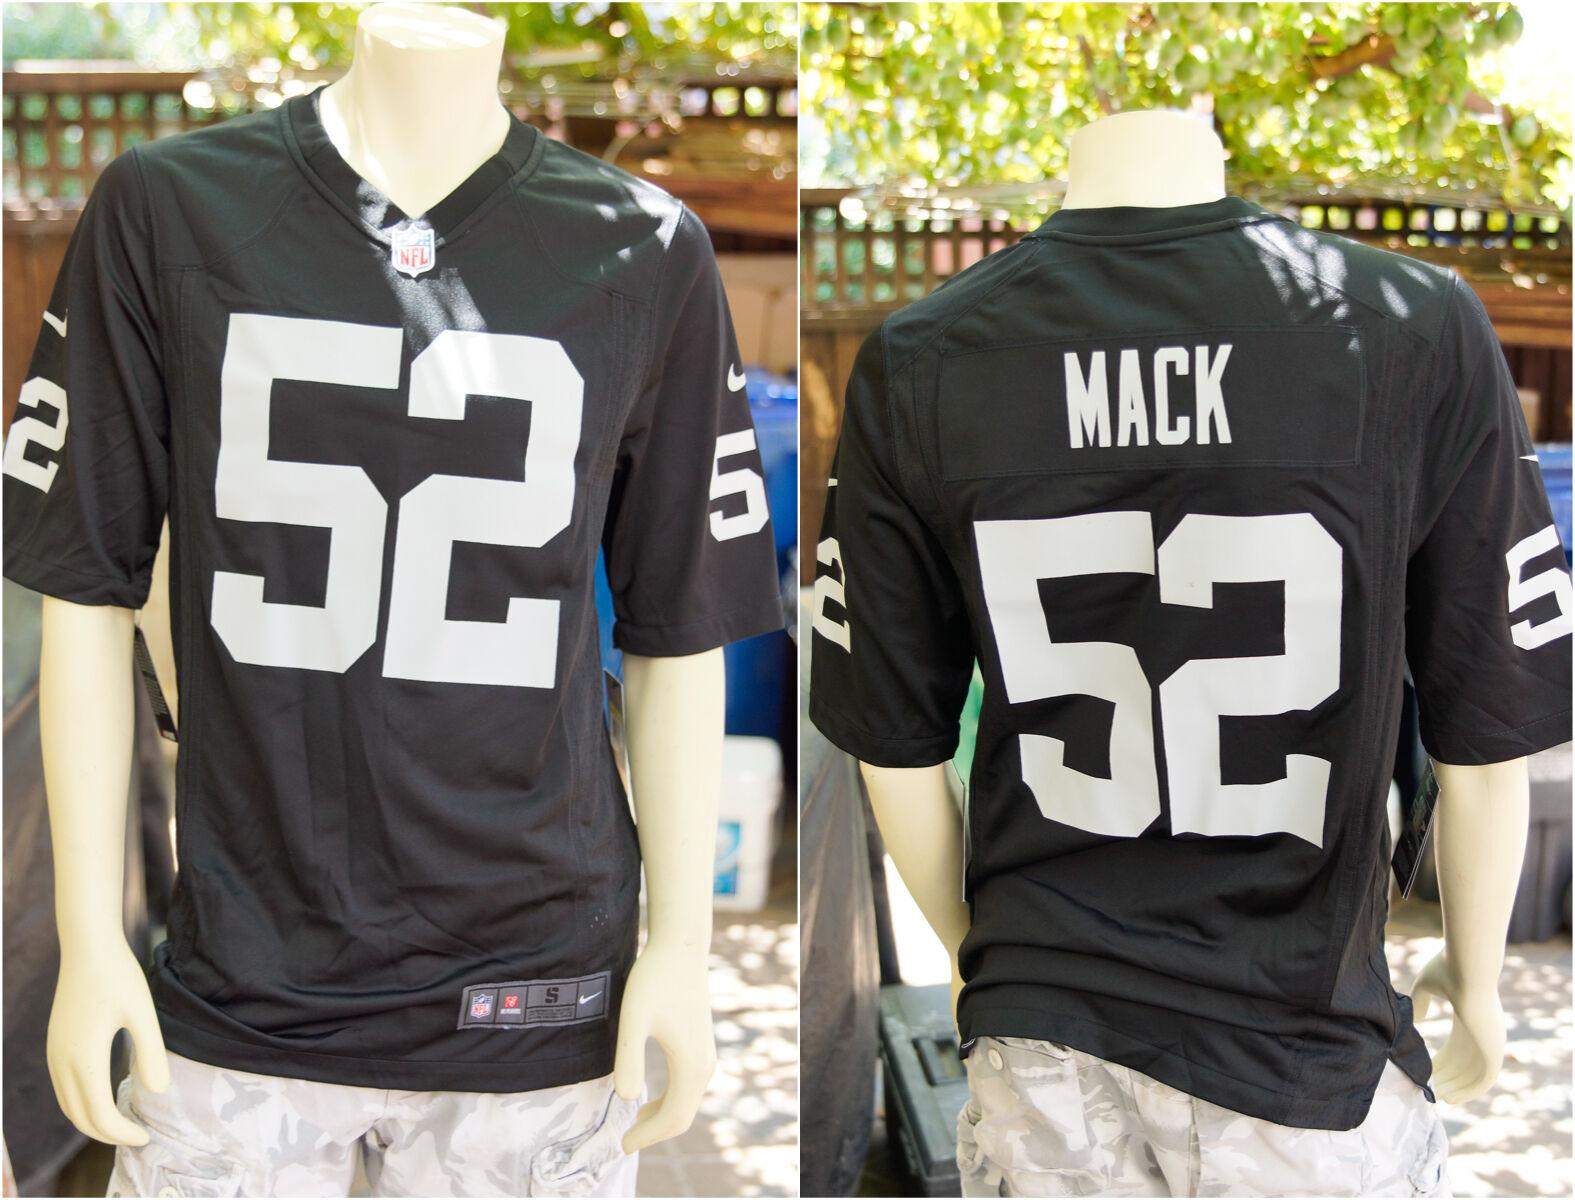 9a204927b34 khalil mack raiders jersey #52 Khalil Mack Nike Youth Jersey: White Limited  NFL Oakland Raiders Rush Nike8802153